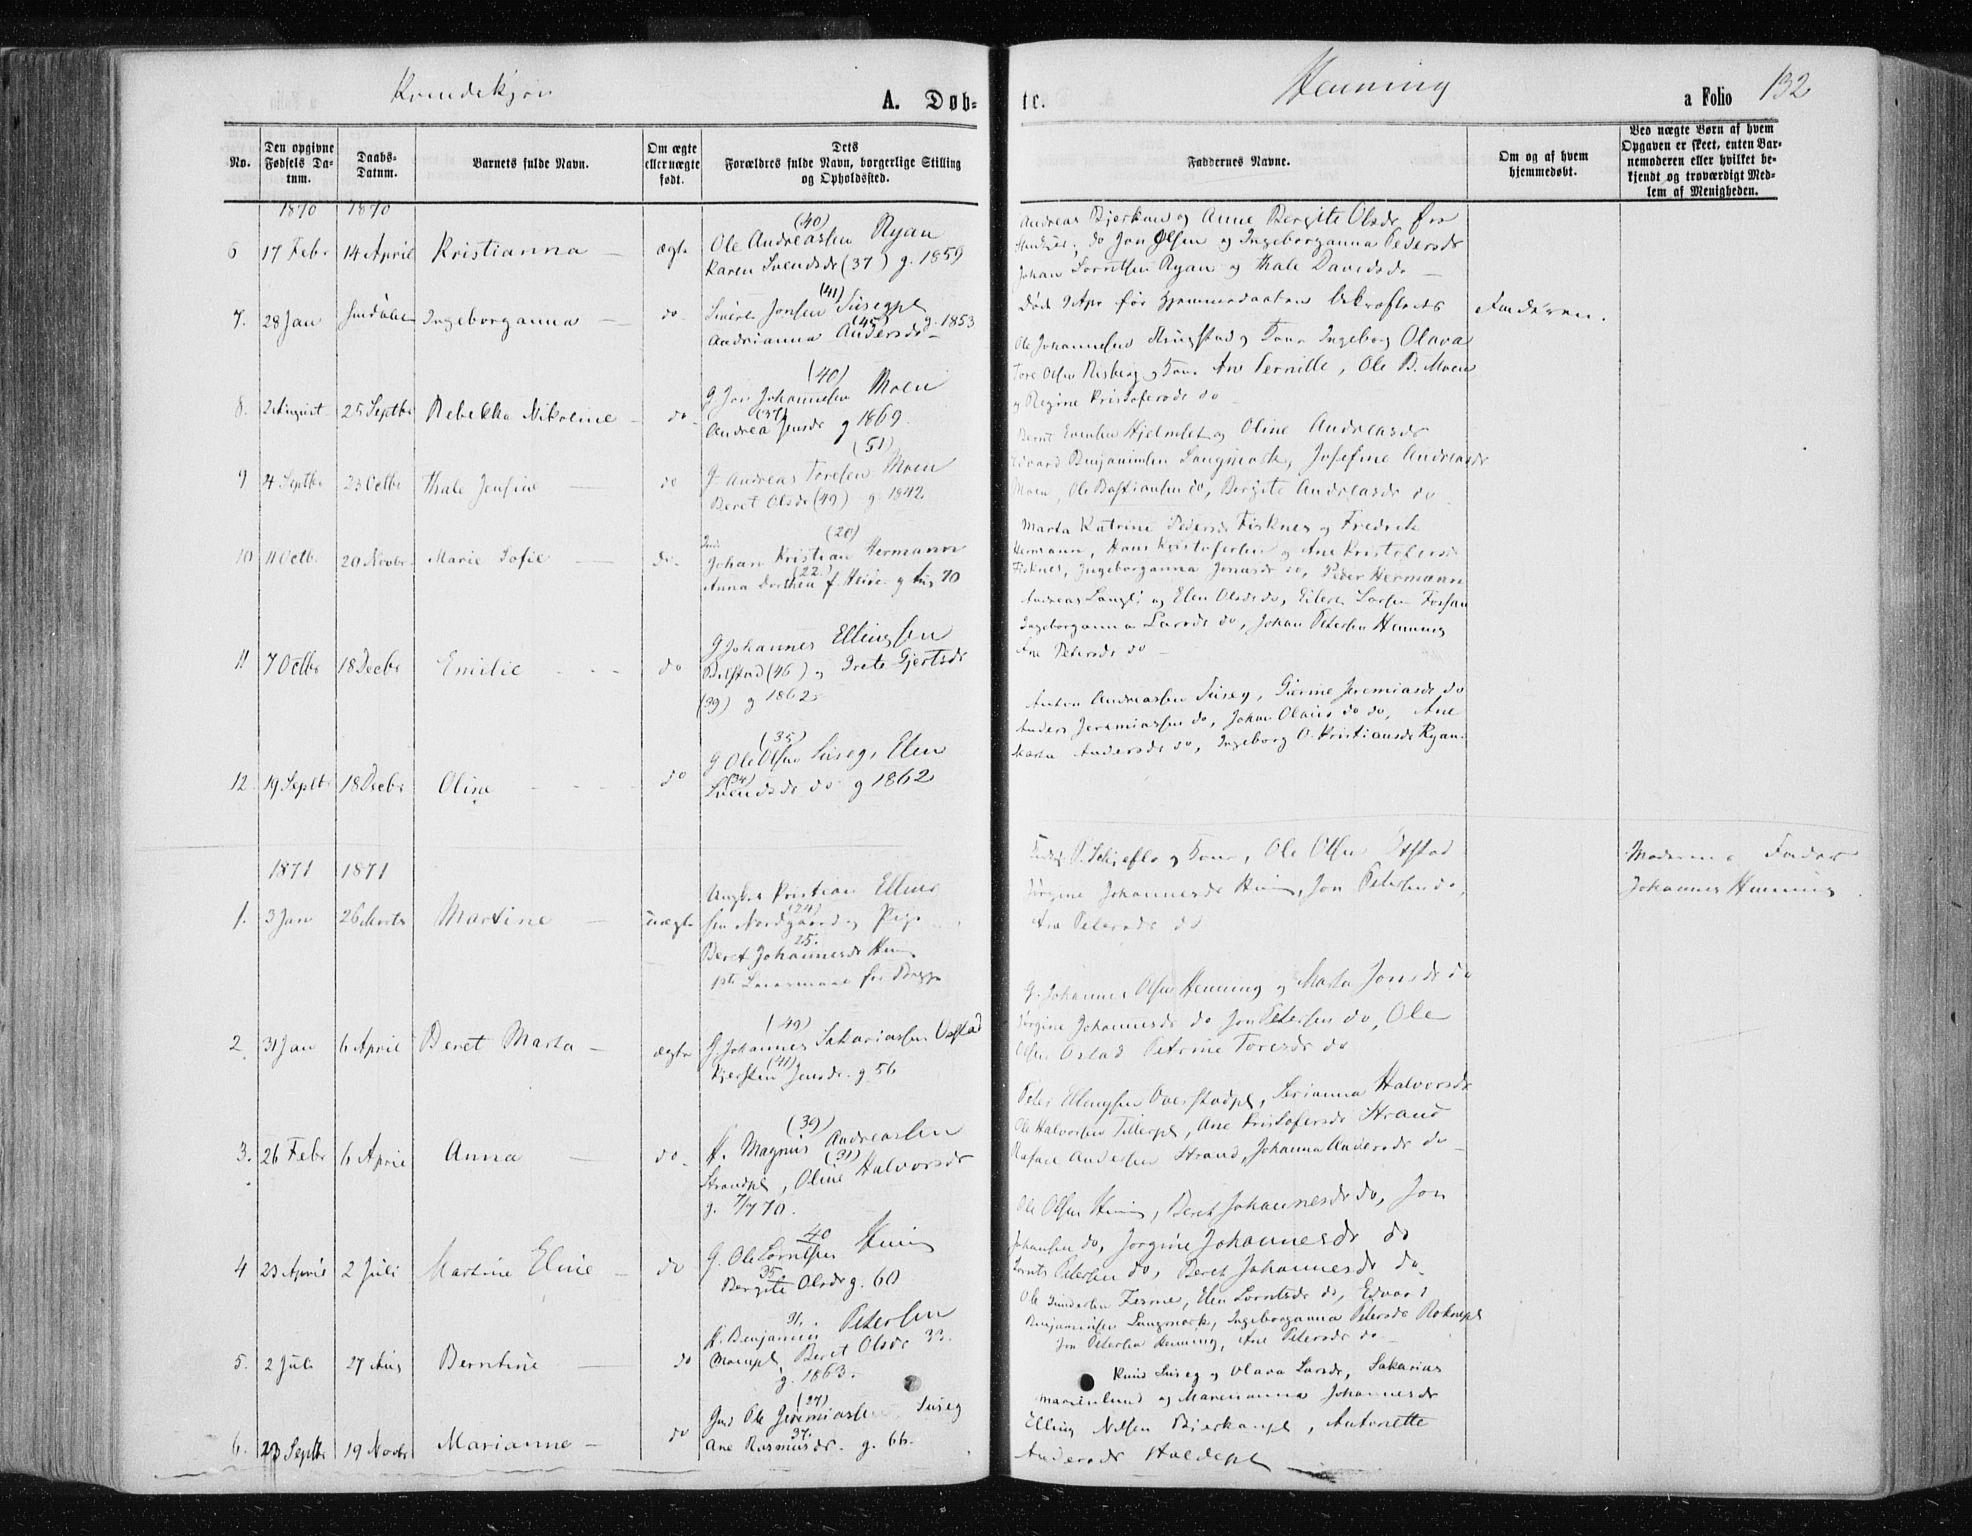 SAT, Ministerialprotokoller, klokkerbøker og fødselsregistre - Nord-Trøndelag, 735/L0345: Ministerialbok nr. 735A08 /3, 1863-1872, s. 132